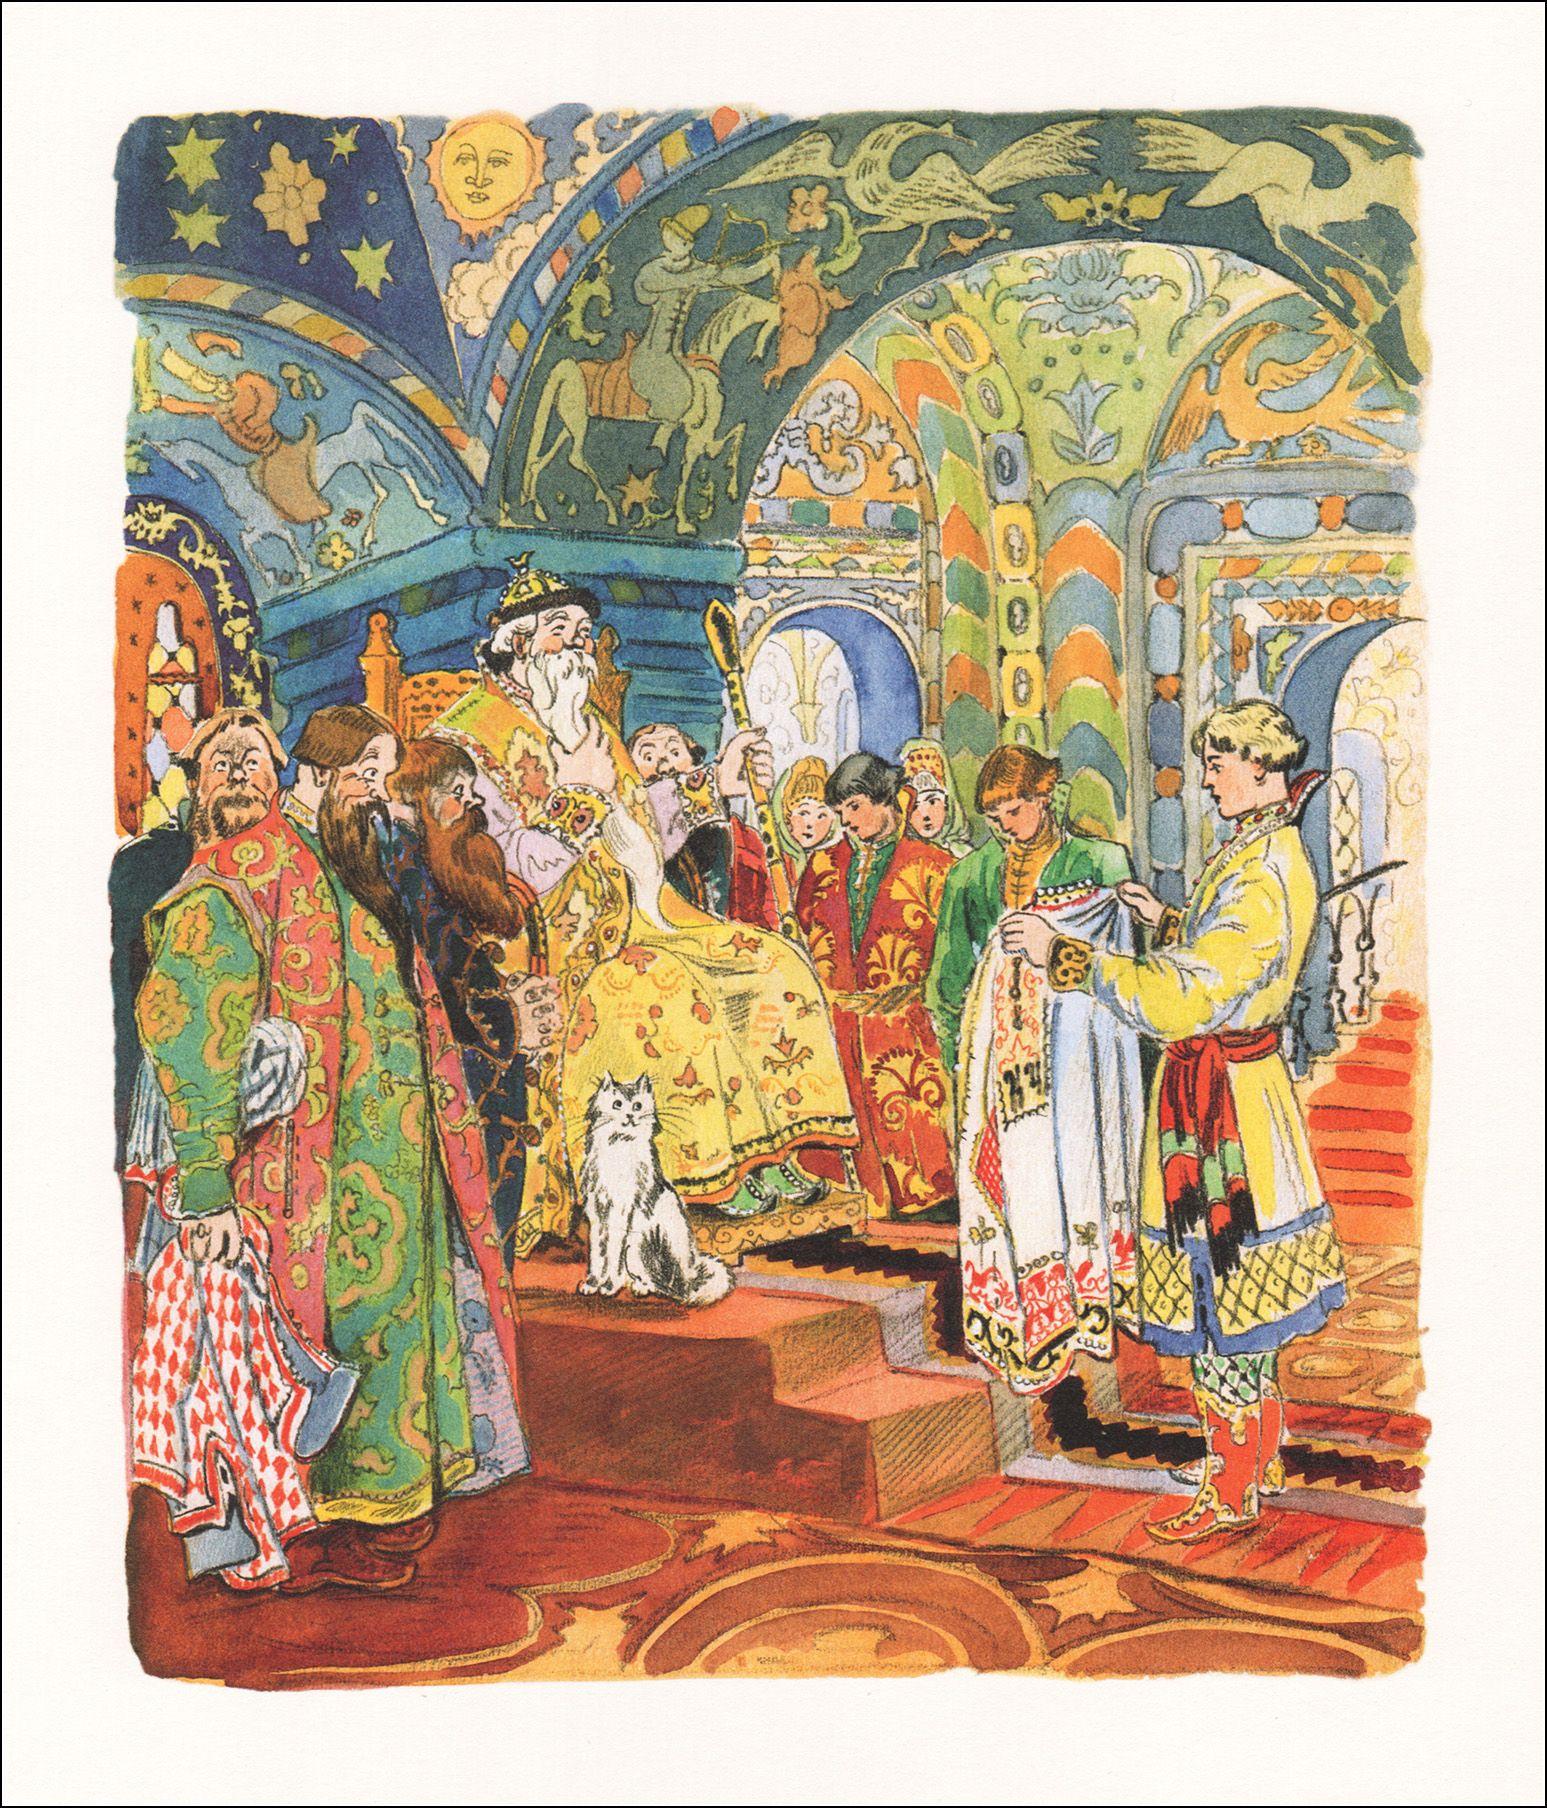 Αποτέλεσμα εικόνας για the frog princess russia